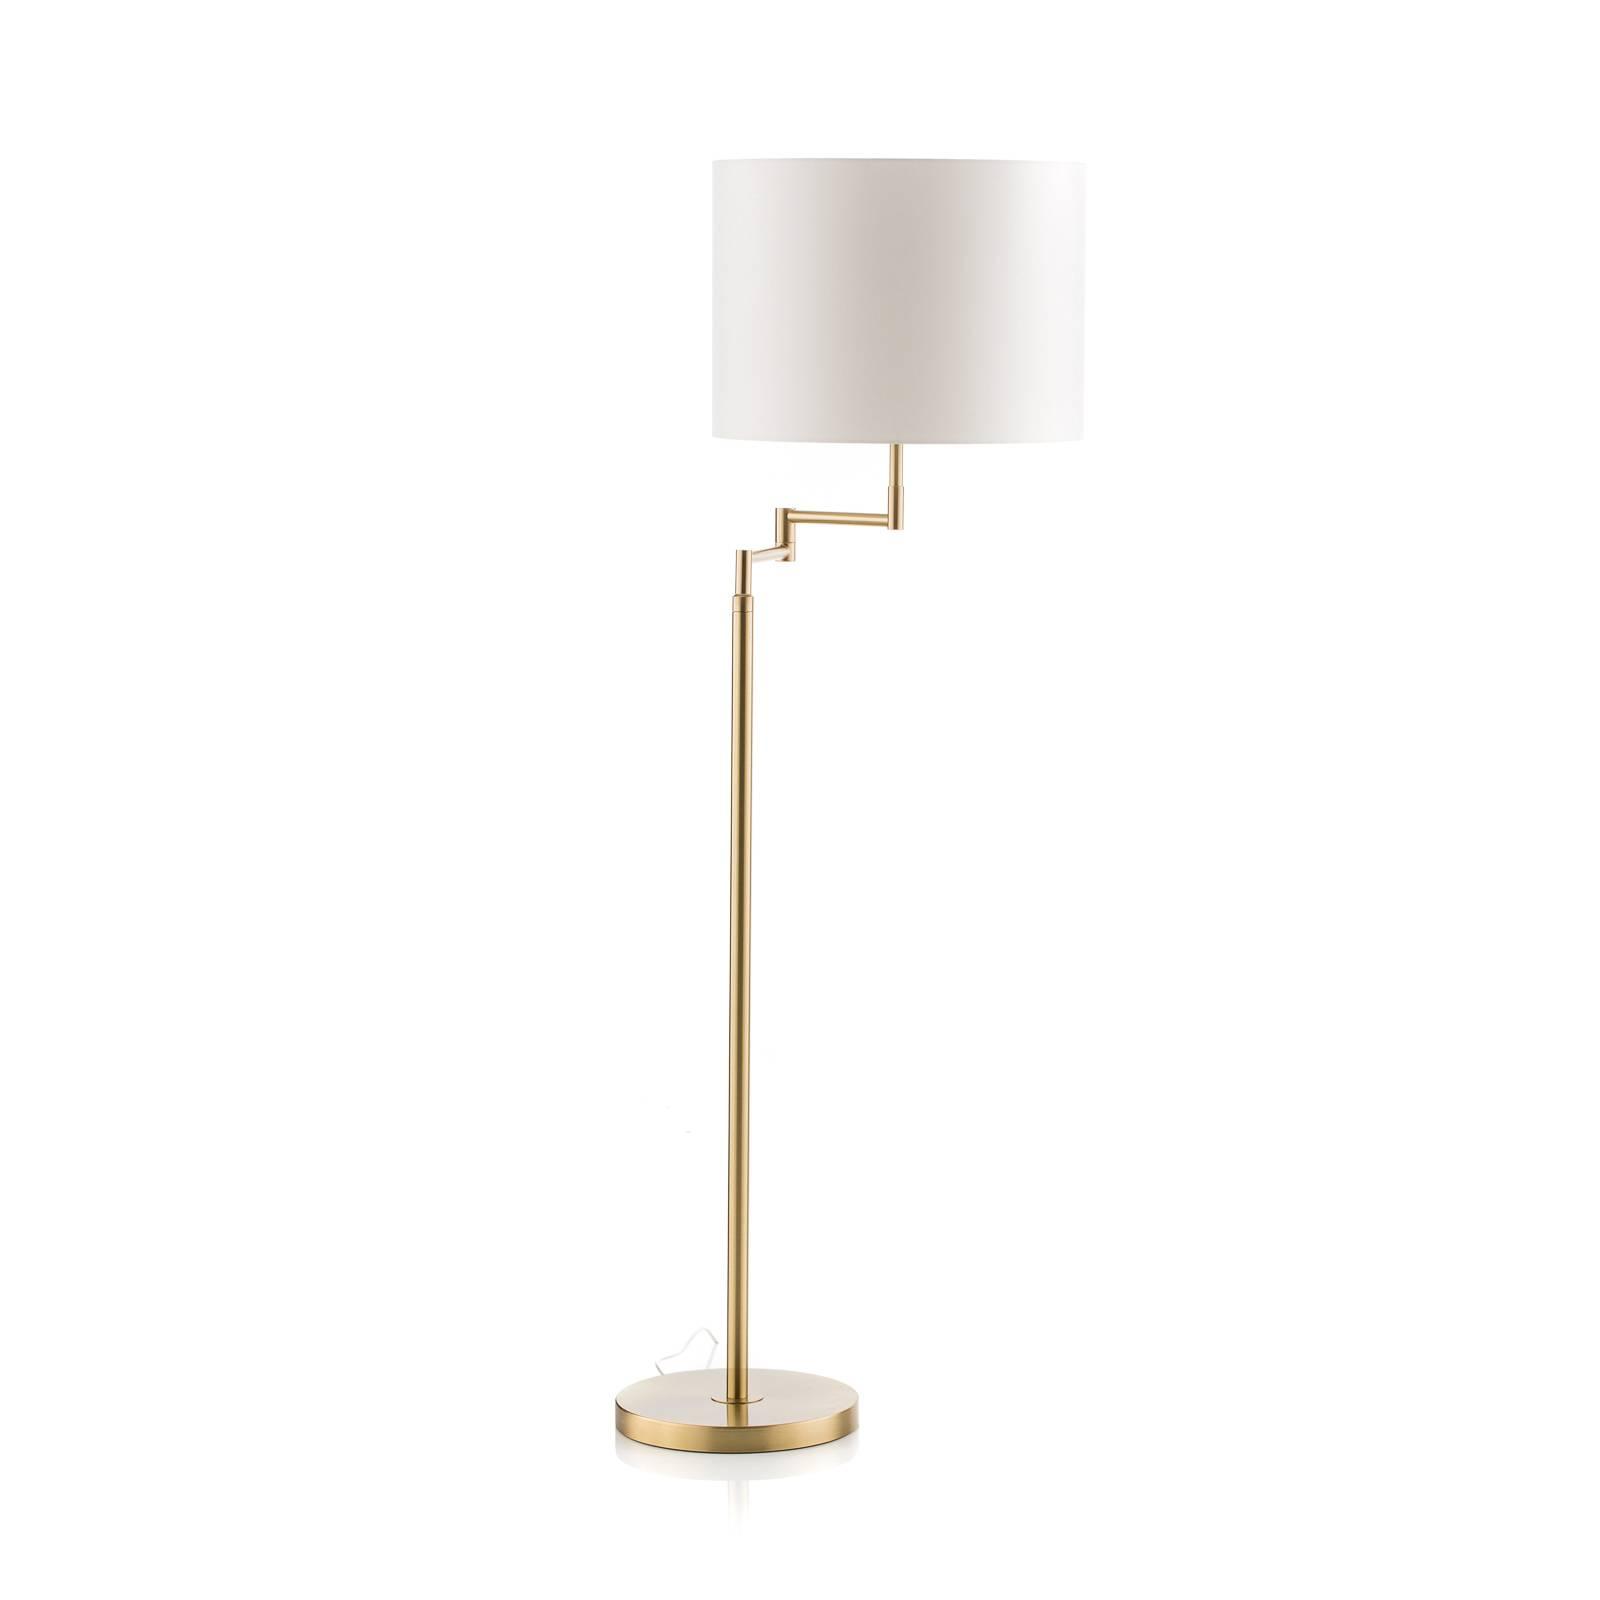 stehlampen von gks knapstein bei i love. Black Bedroom Furniture Sets. Home Design Ideas